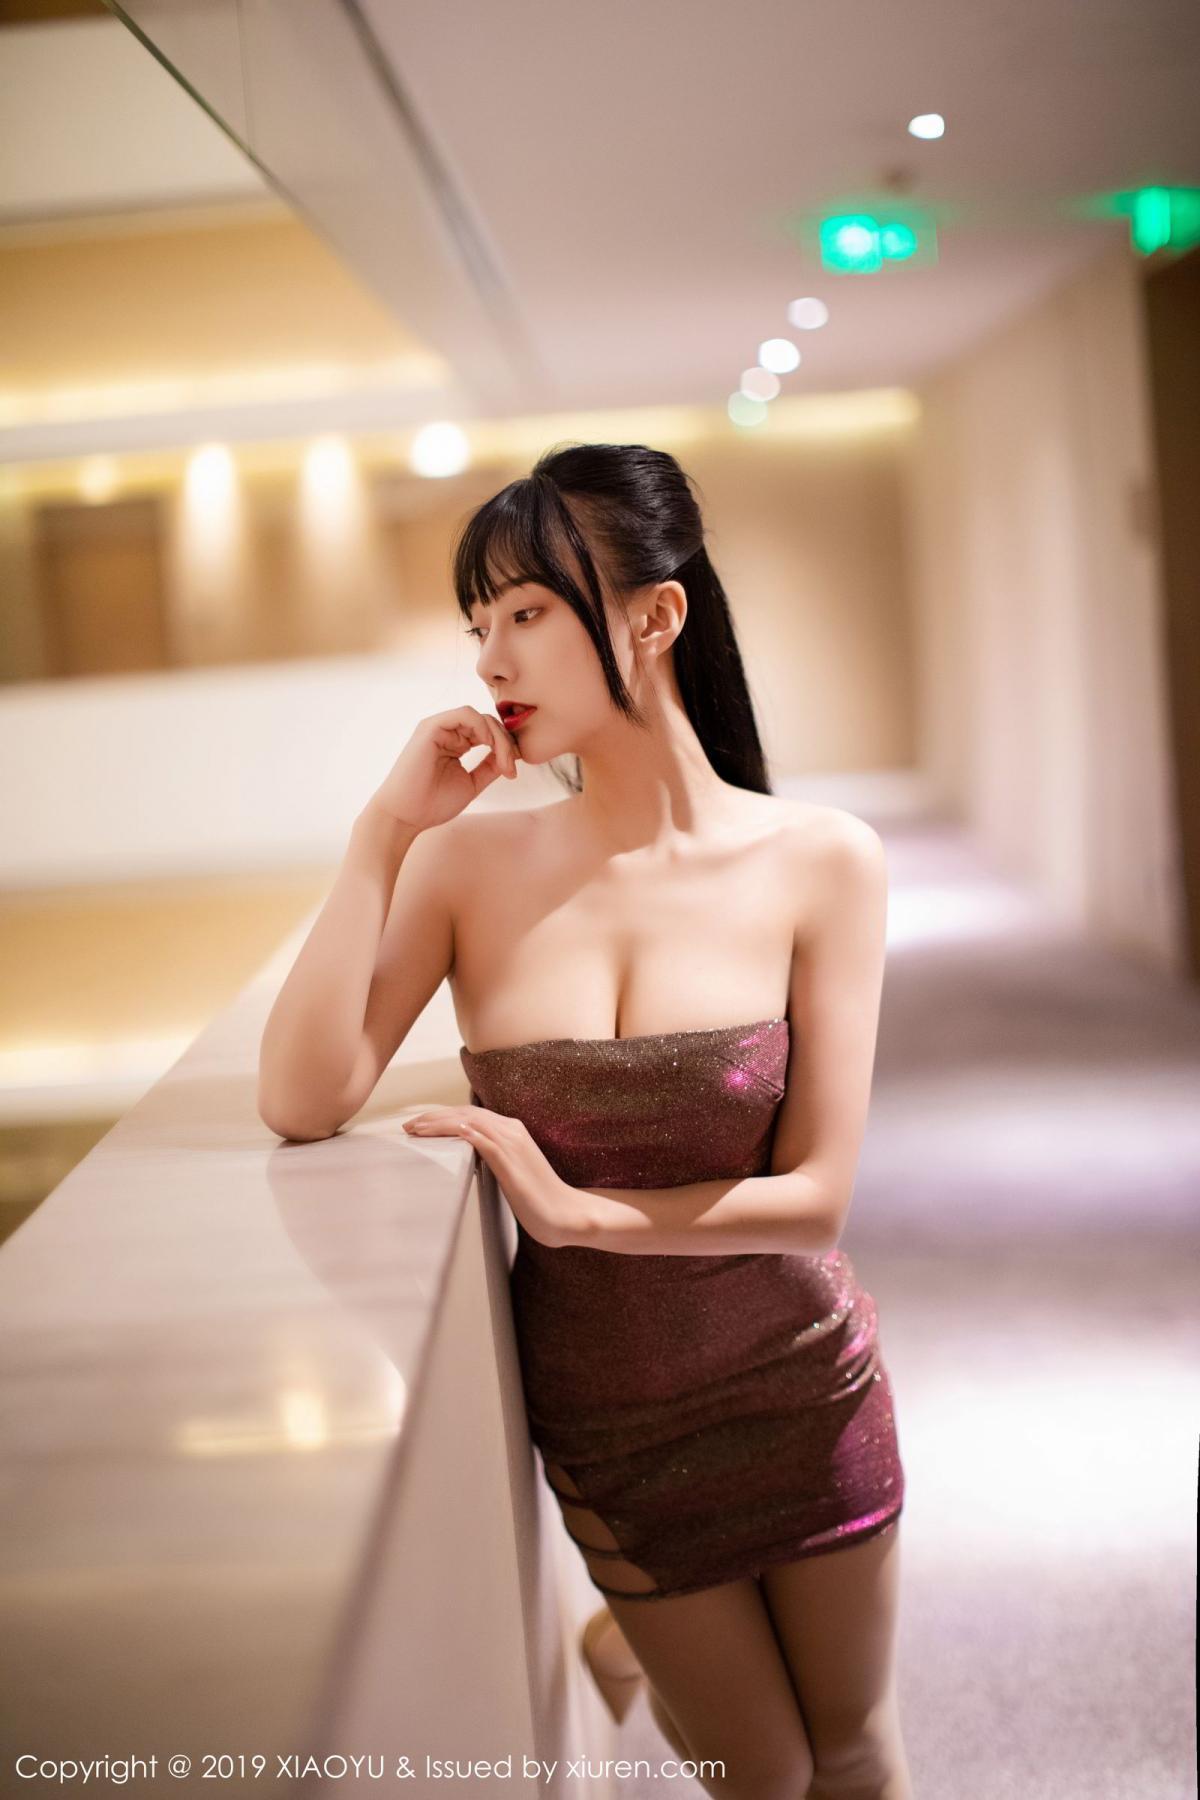 [XiaoYu] Vol.159 He Jia Ying 1P, He Jia Ying, Tall, XiaoYu